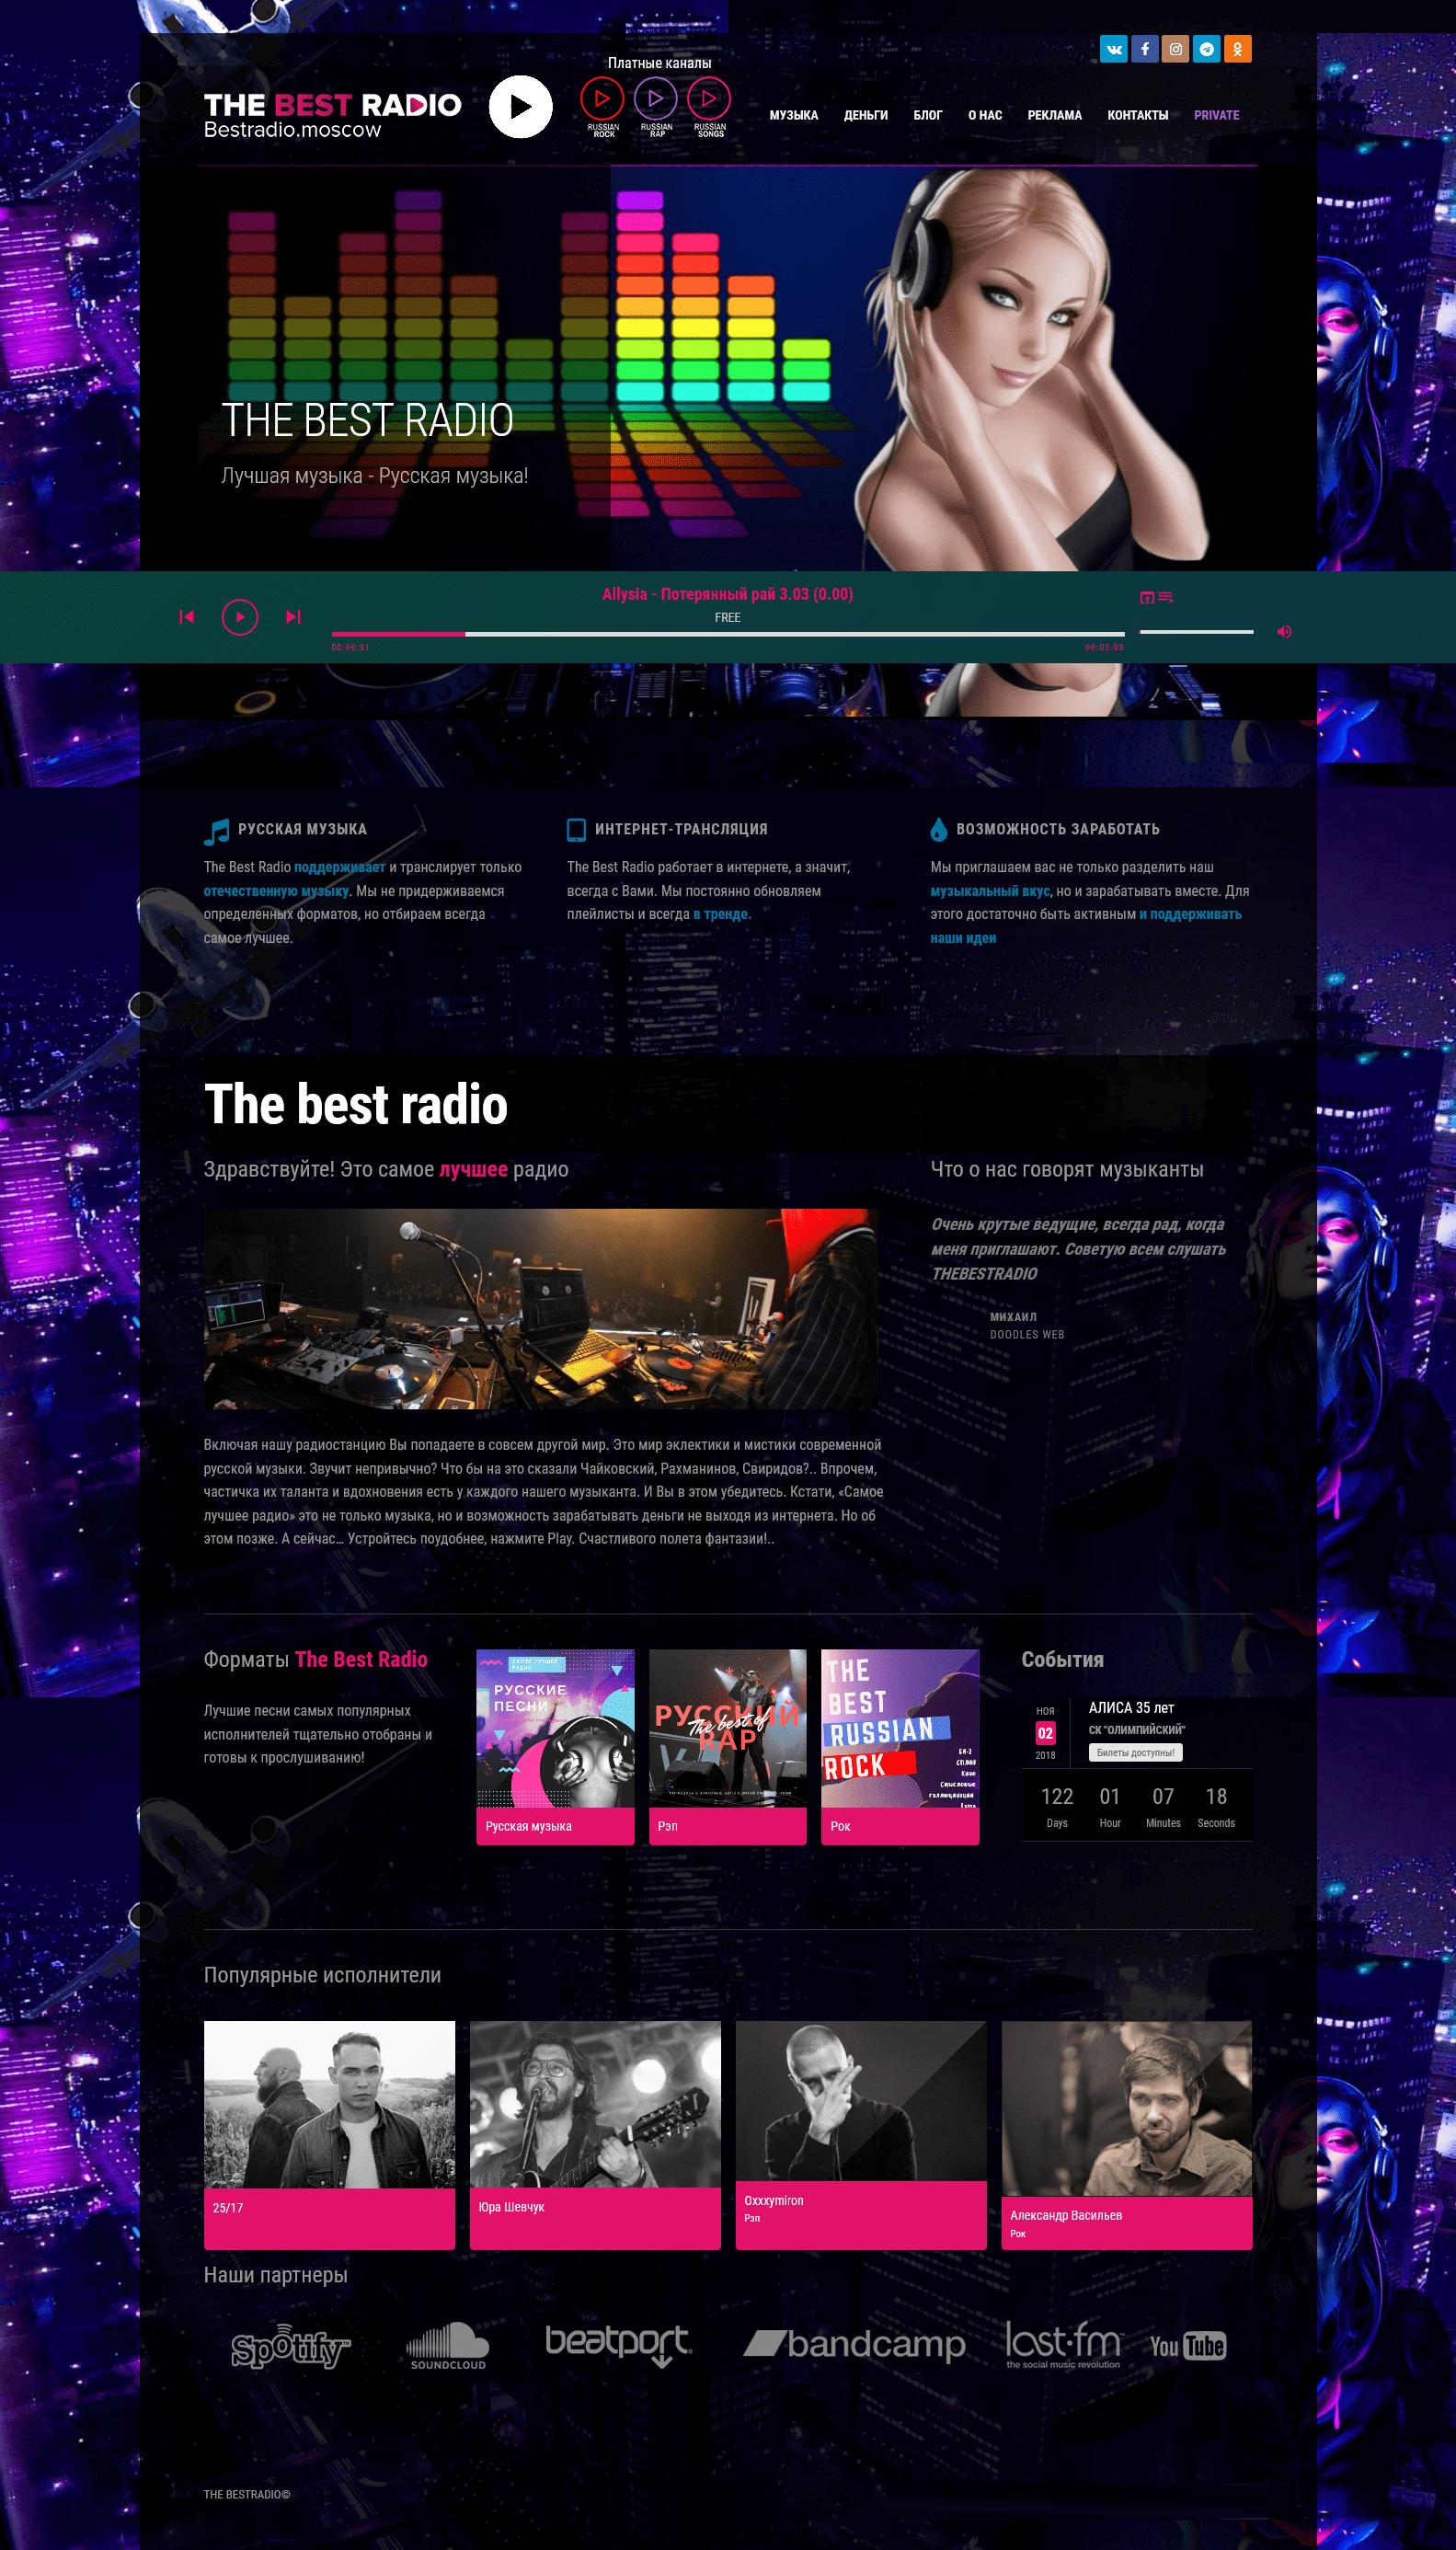 Сайта для создания своего радио создание сайта с онлайн платежами